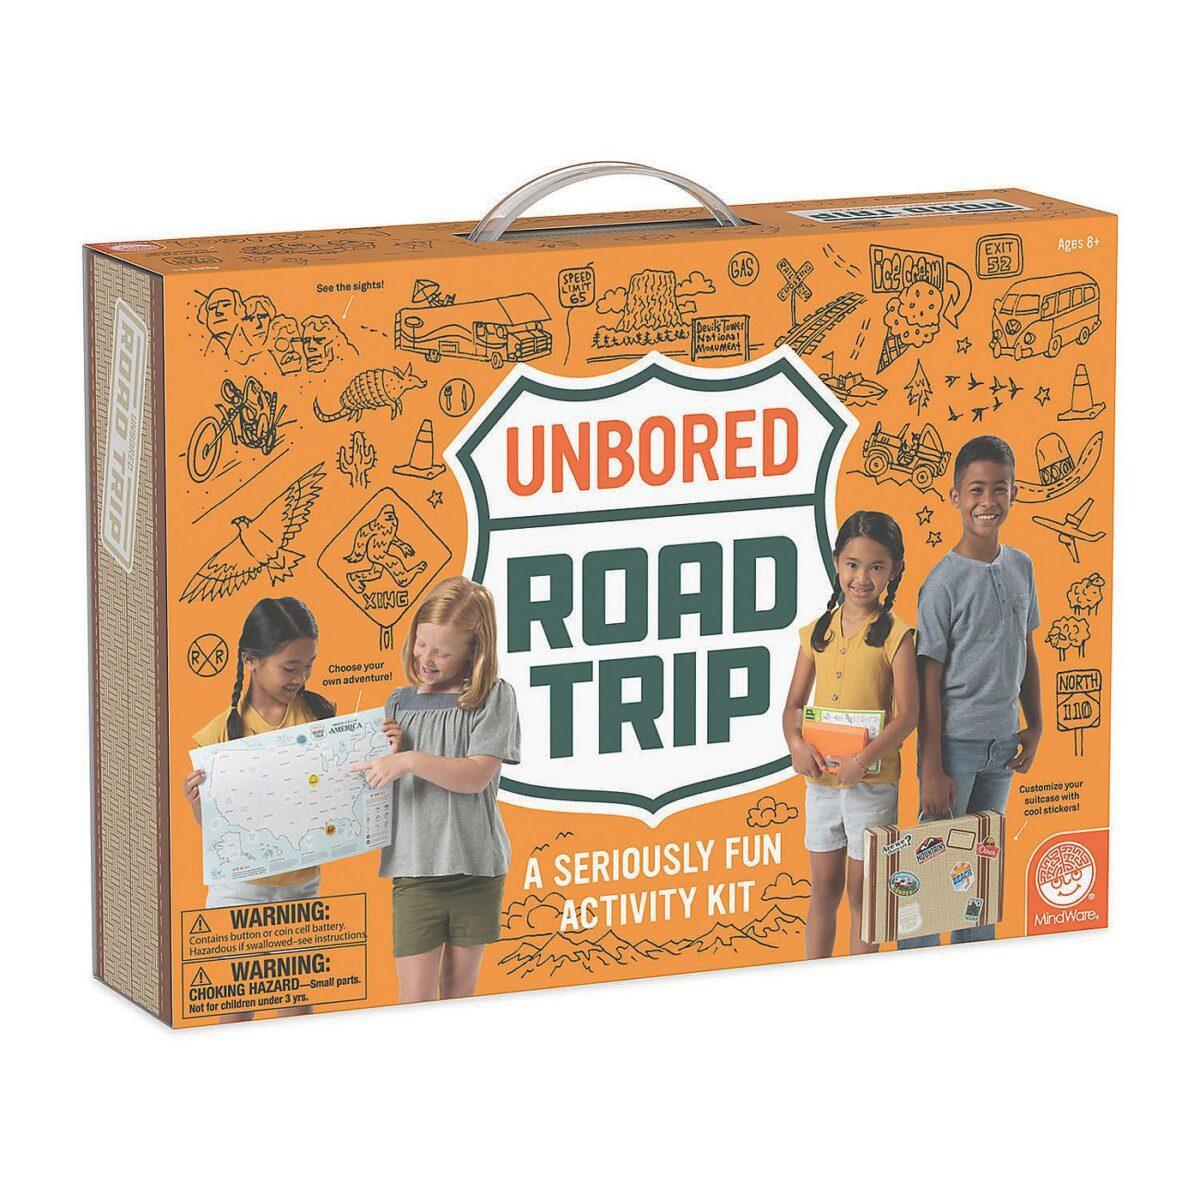 unbored road trip necessities activities